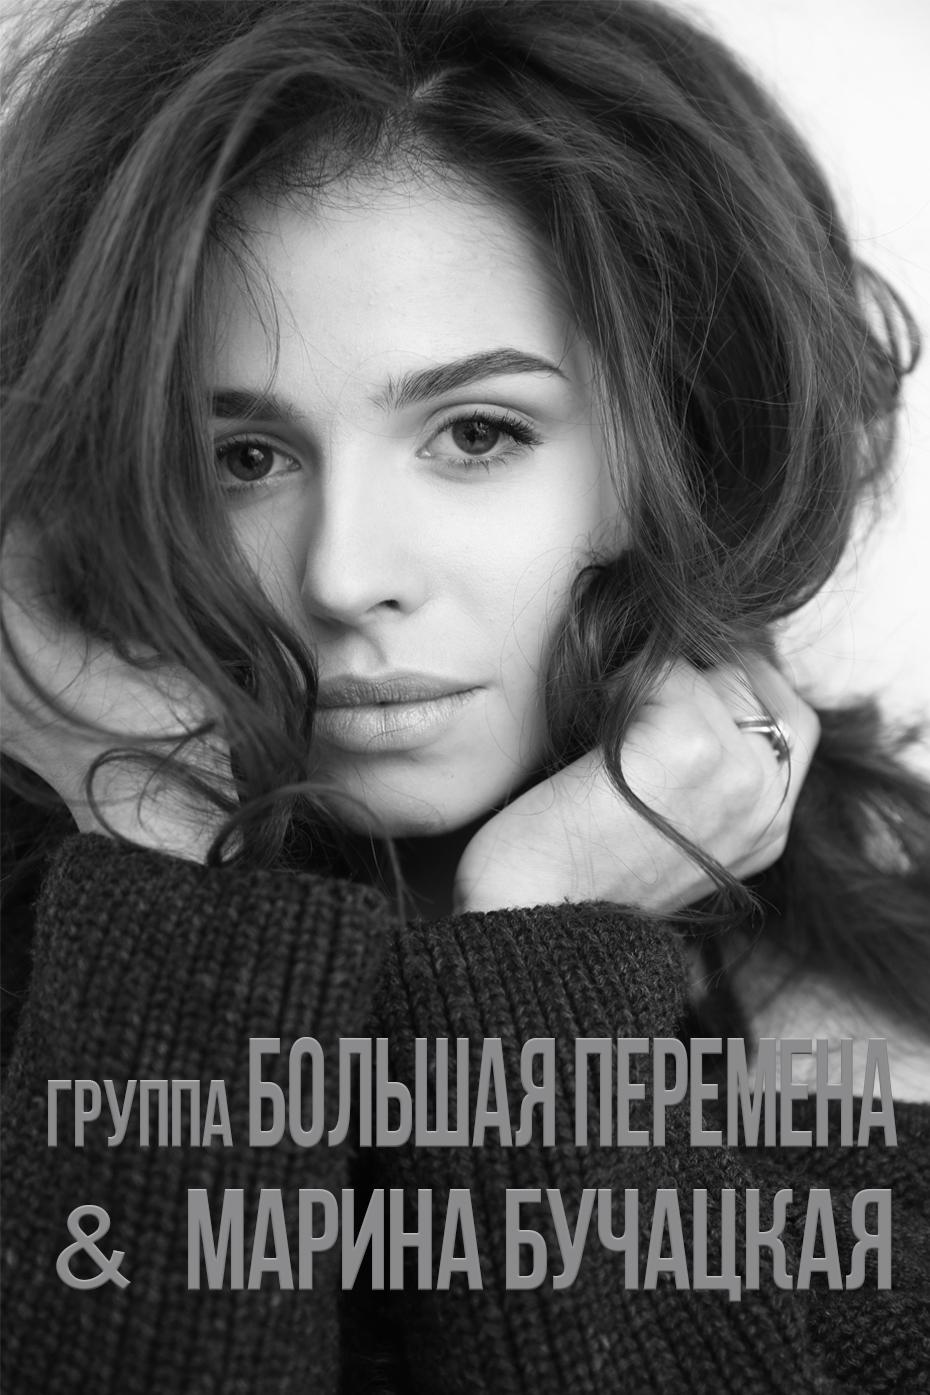 Марина Бучацкая